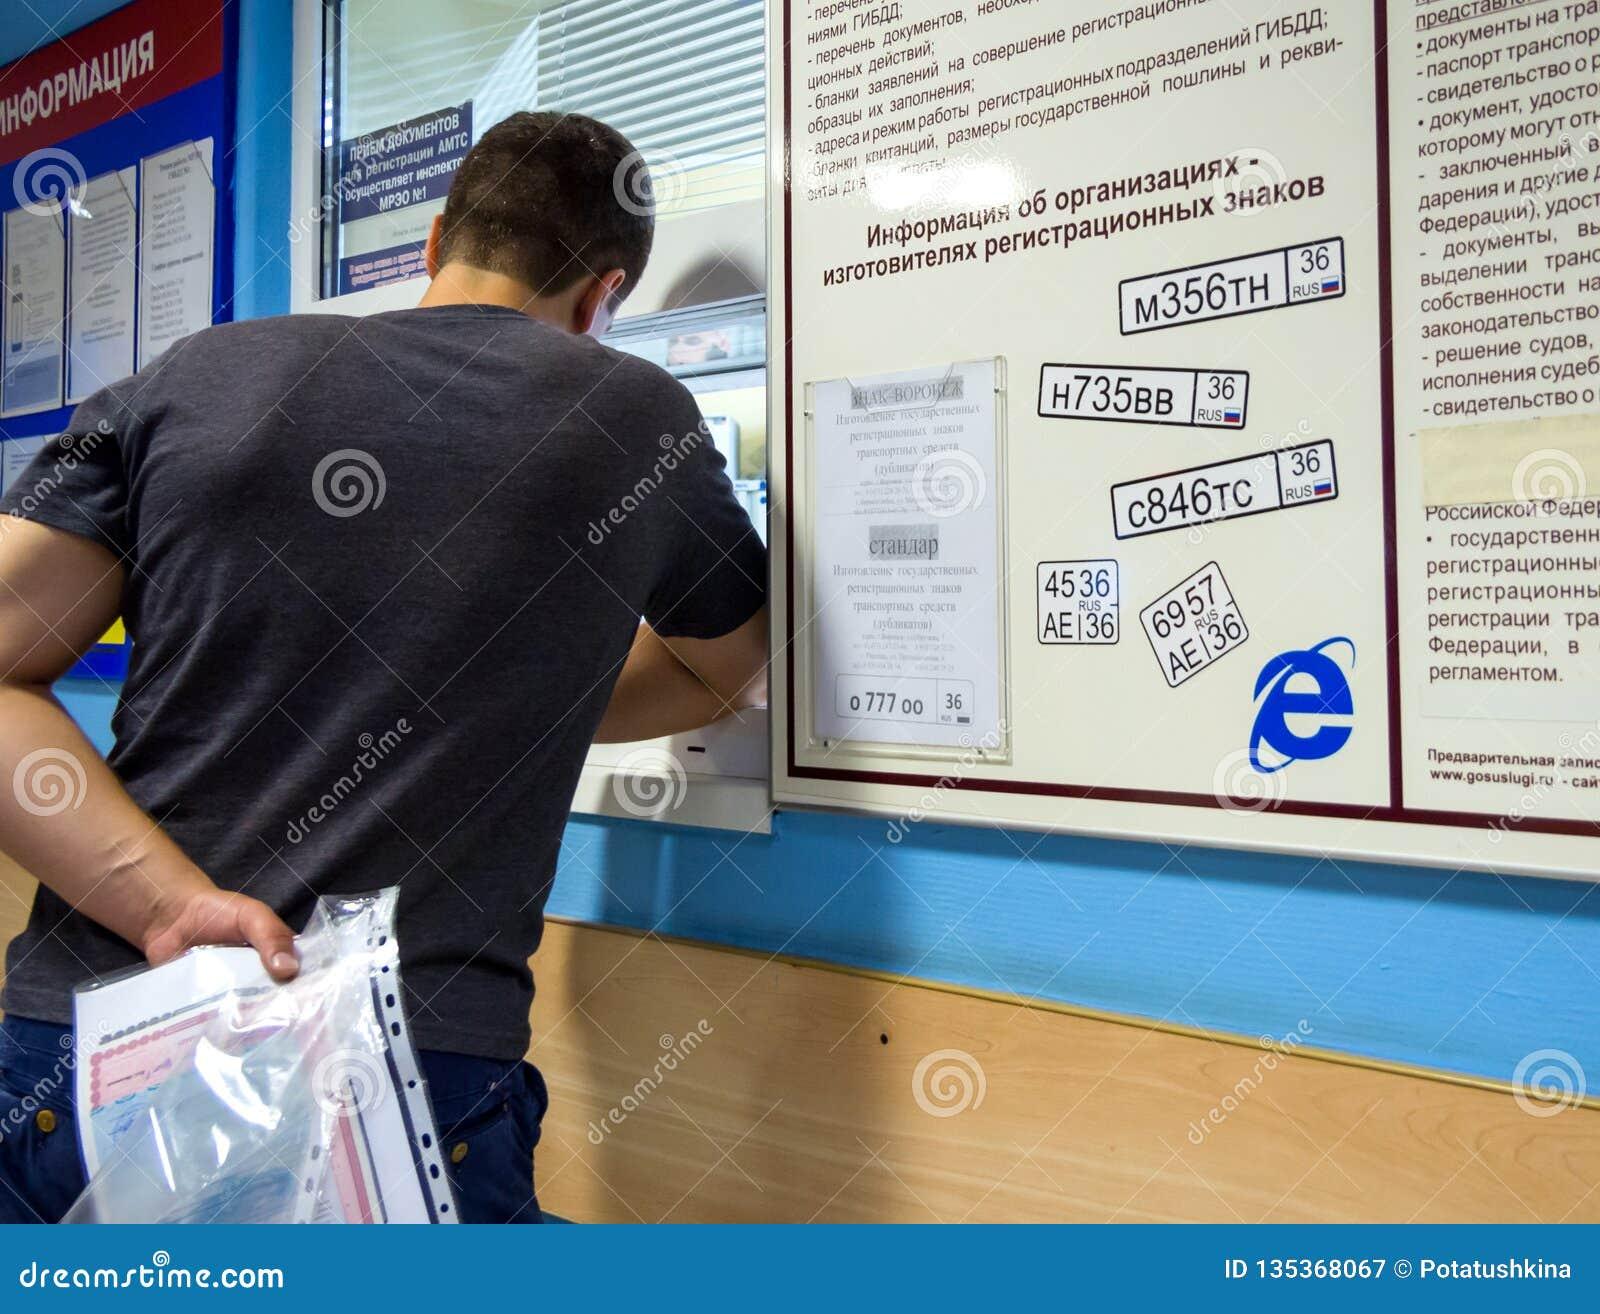 Ο επισκέπτης στο παράθυρο του ζητήματος των πινακίδων αριθμού κυκλοφορίας